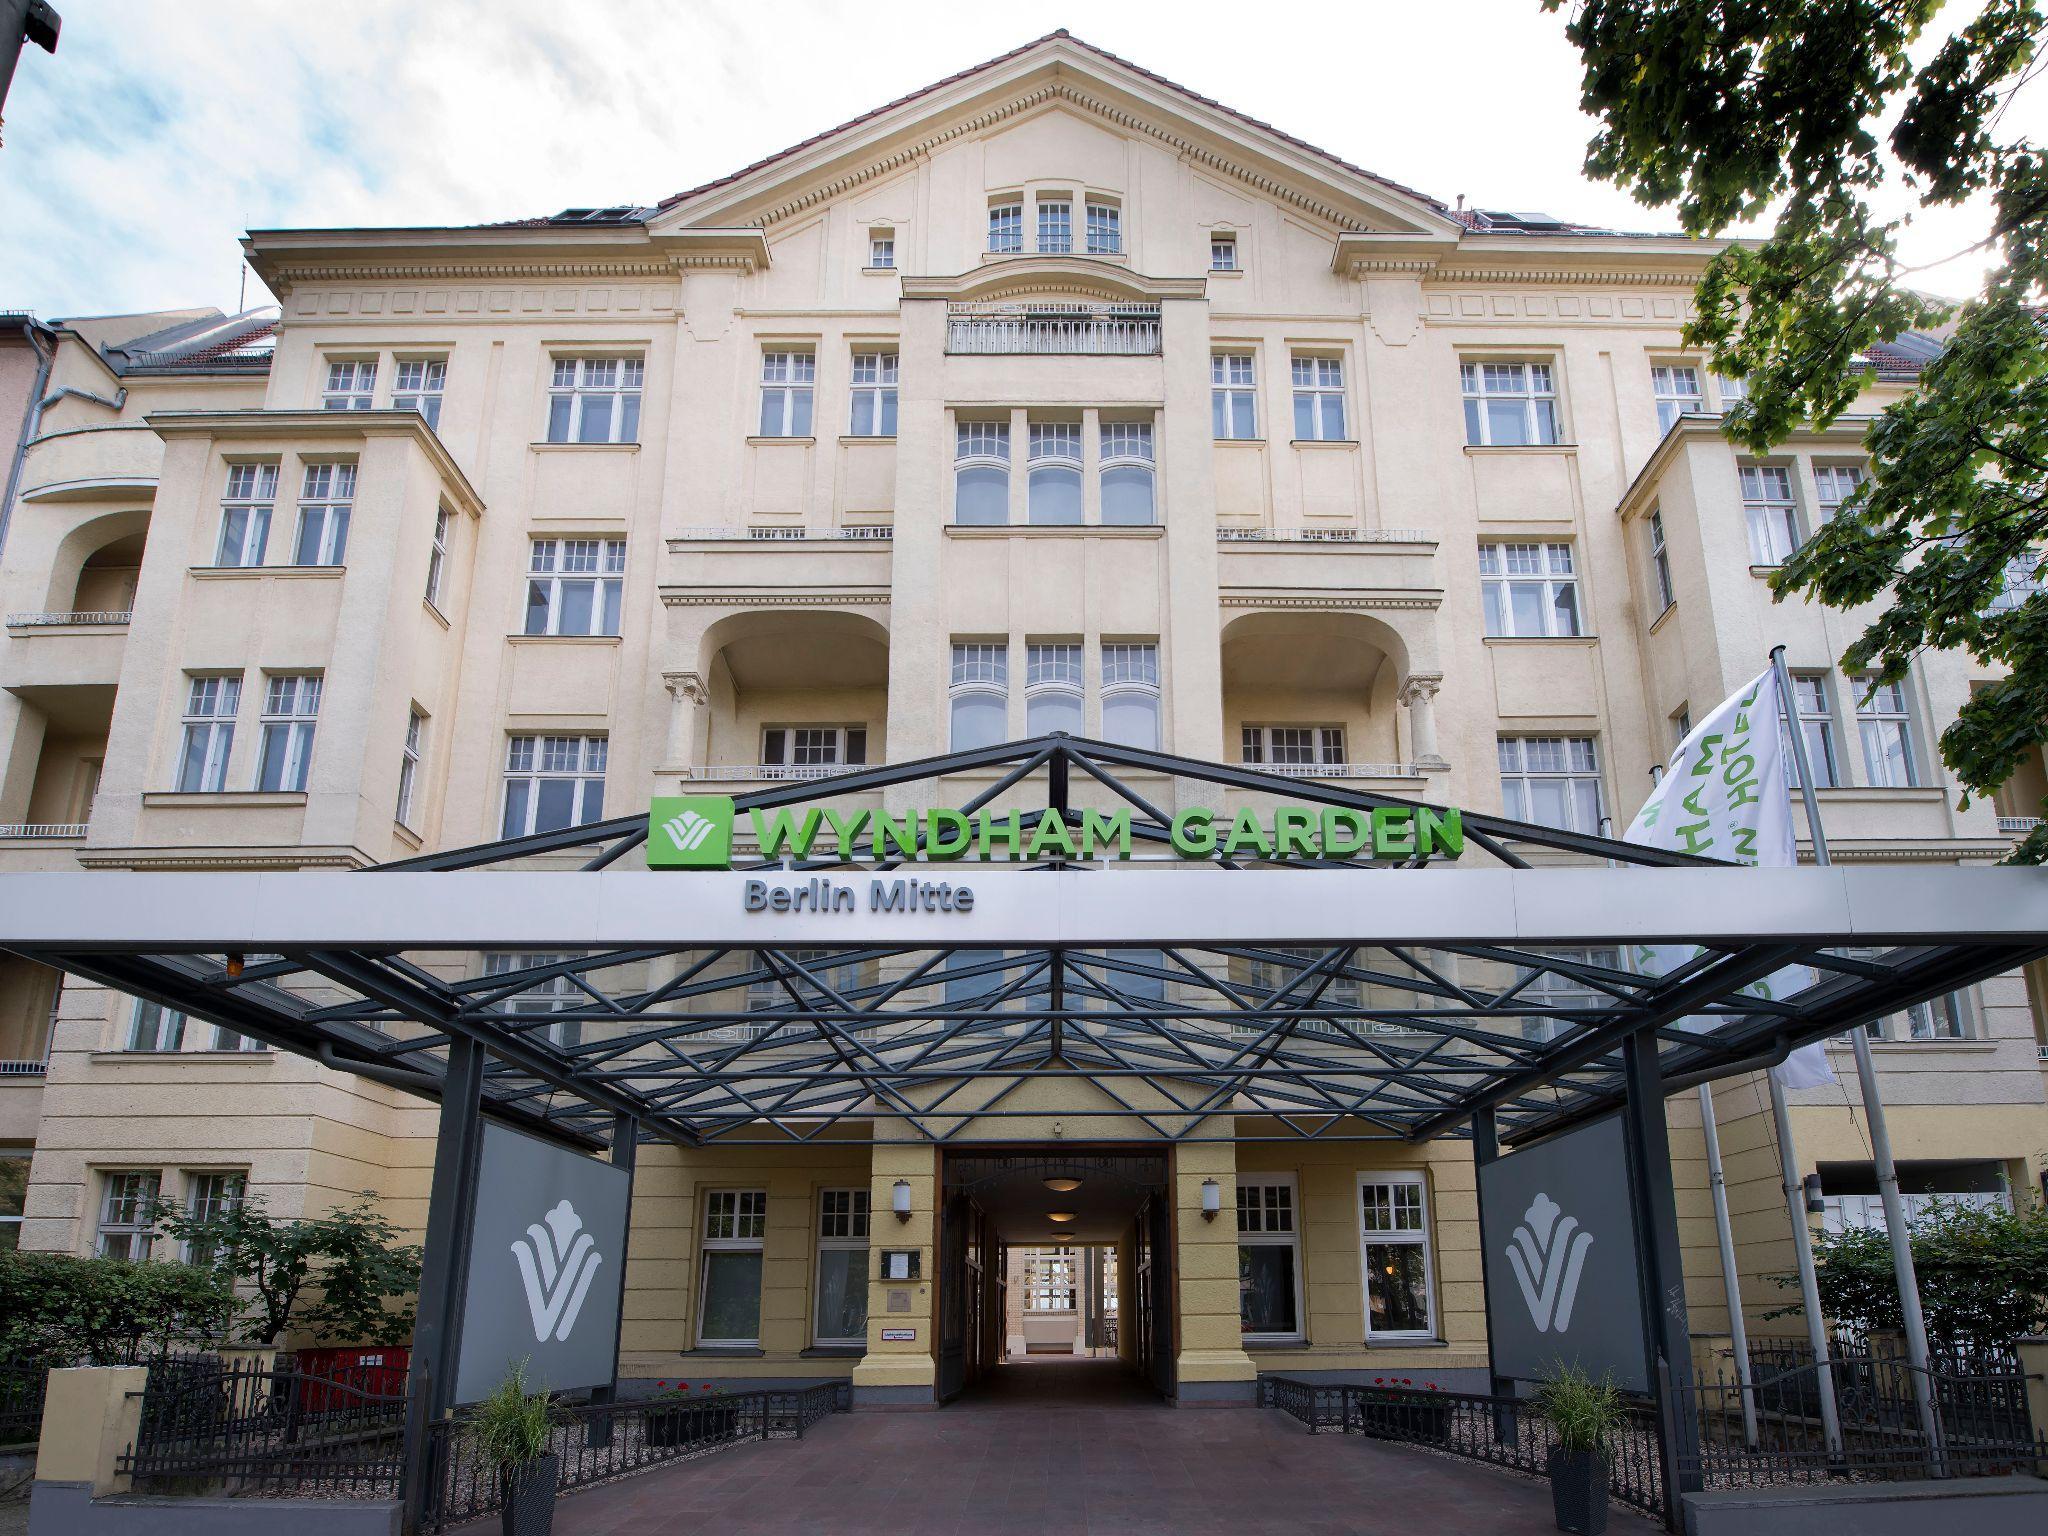 Wyndham Garden Berlin Mitte